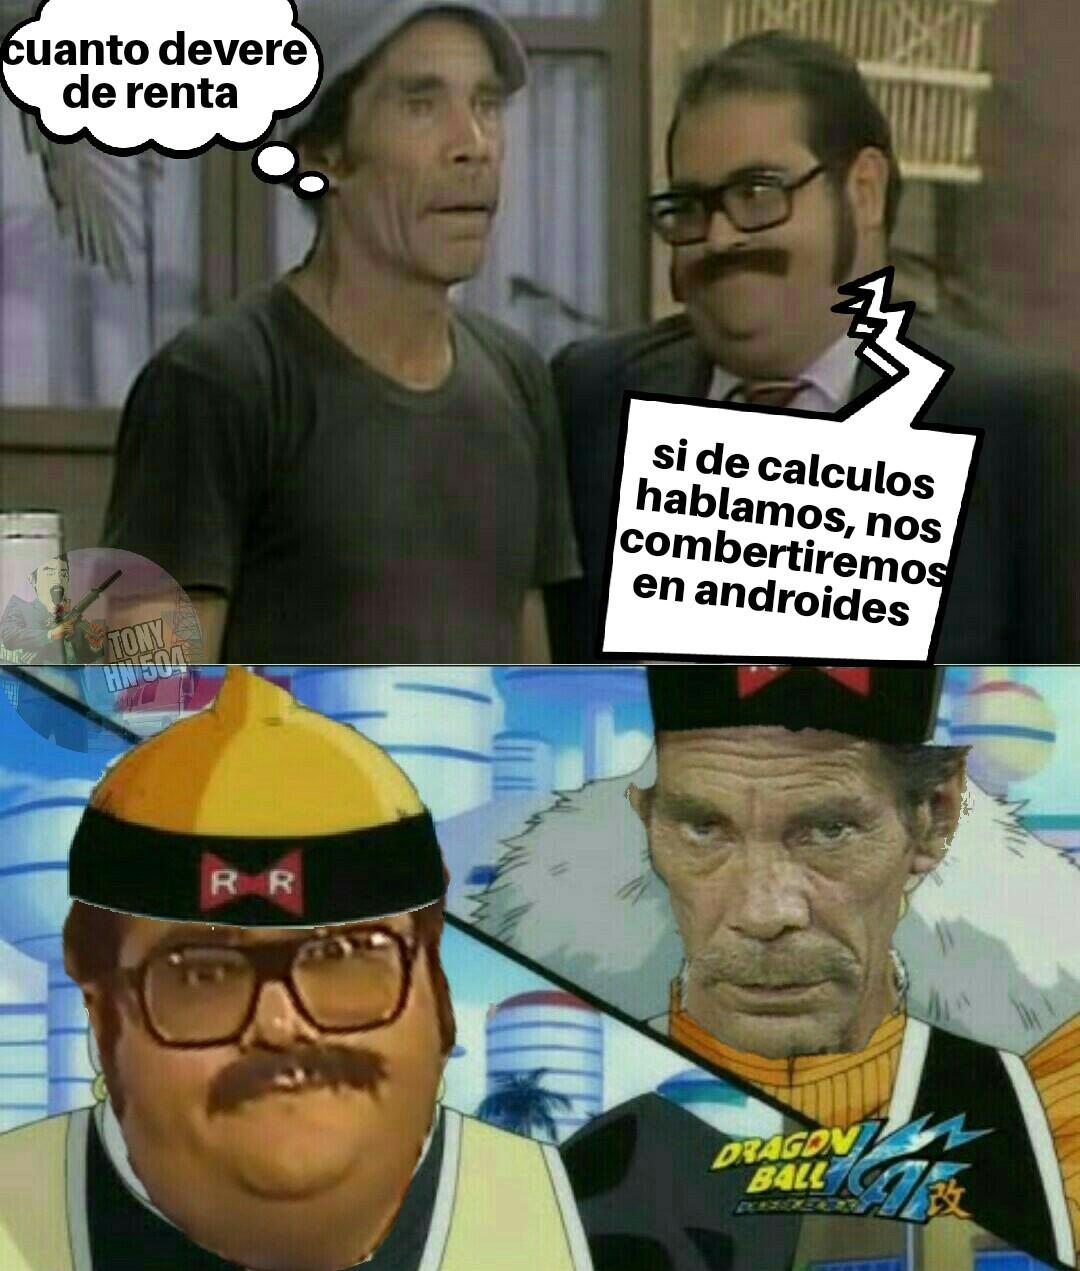 Es Un meme con mucho cariño y respeto a estas leyendas del Humor latino